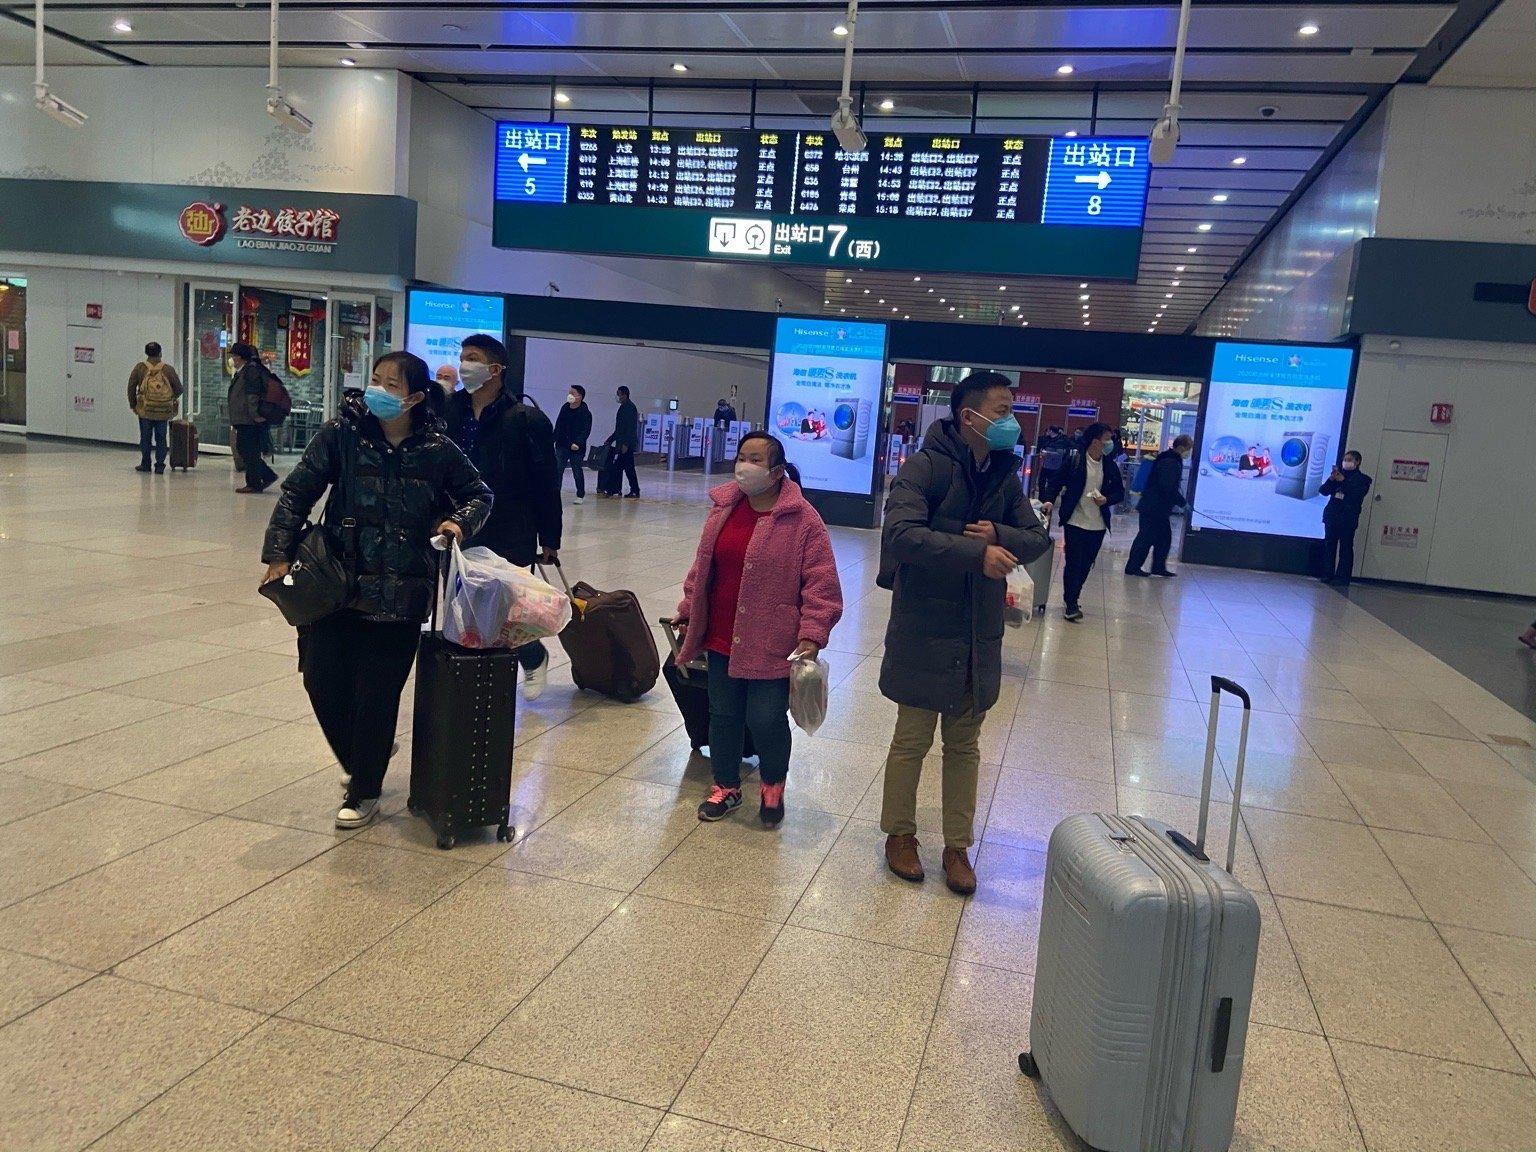 組圖:疫情未消退 北京行人增多 管制仍嚴厲